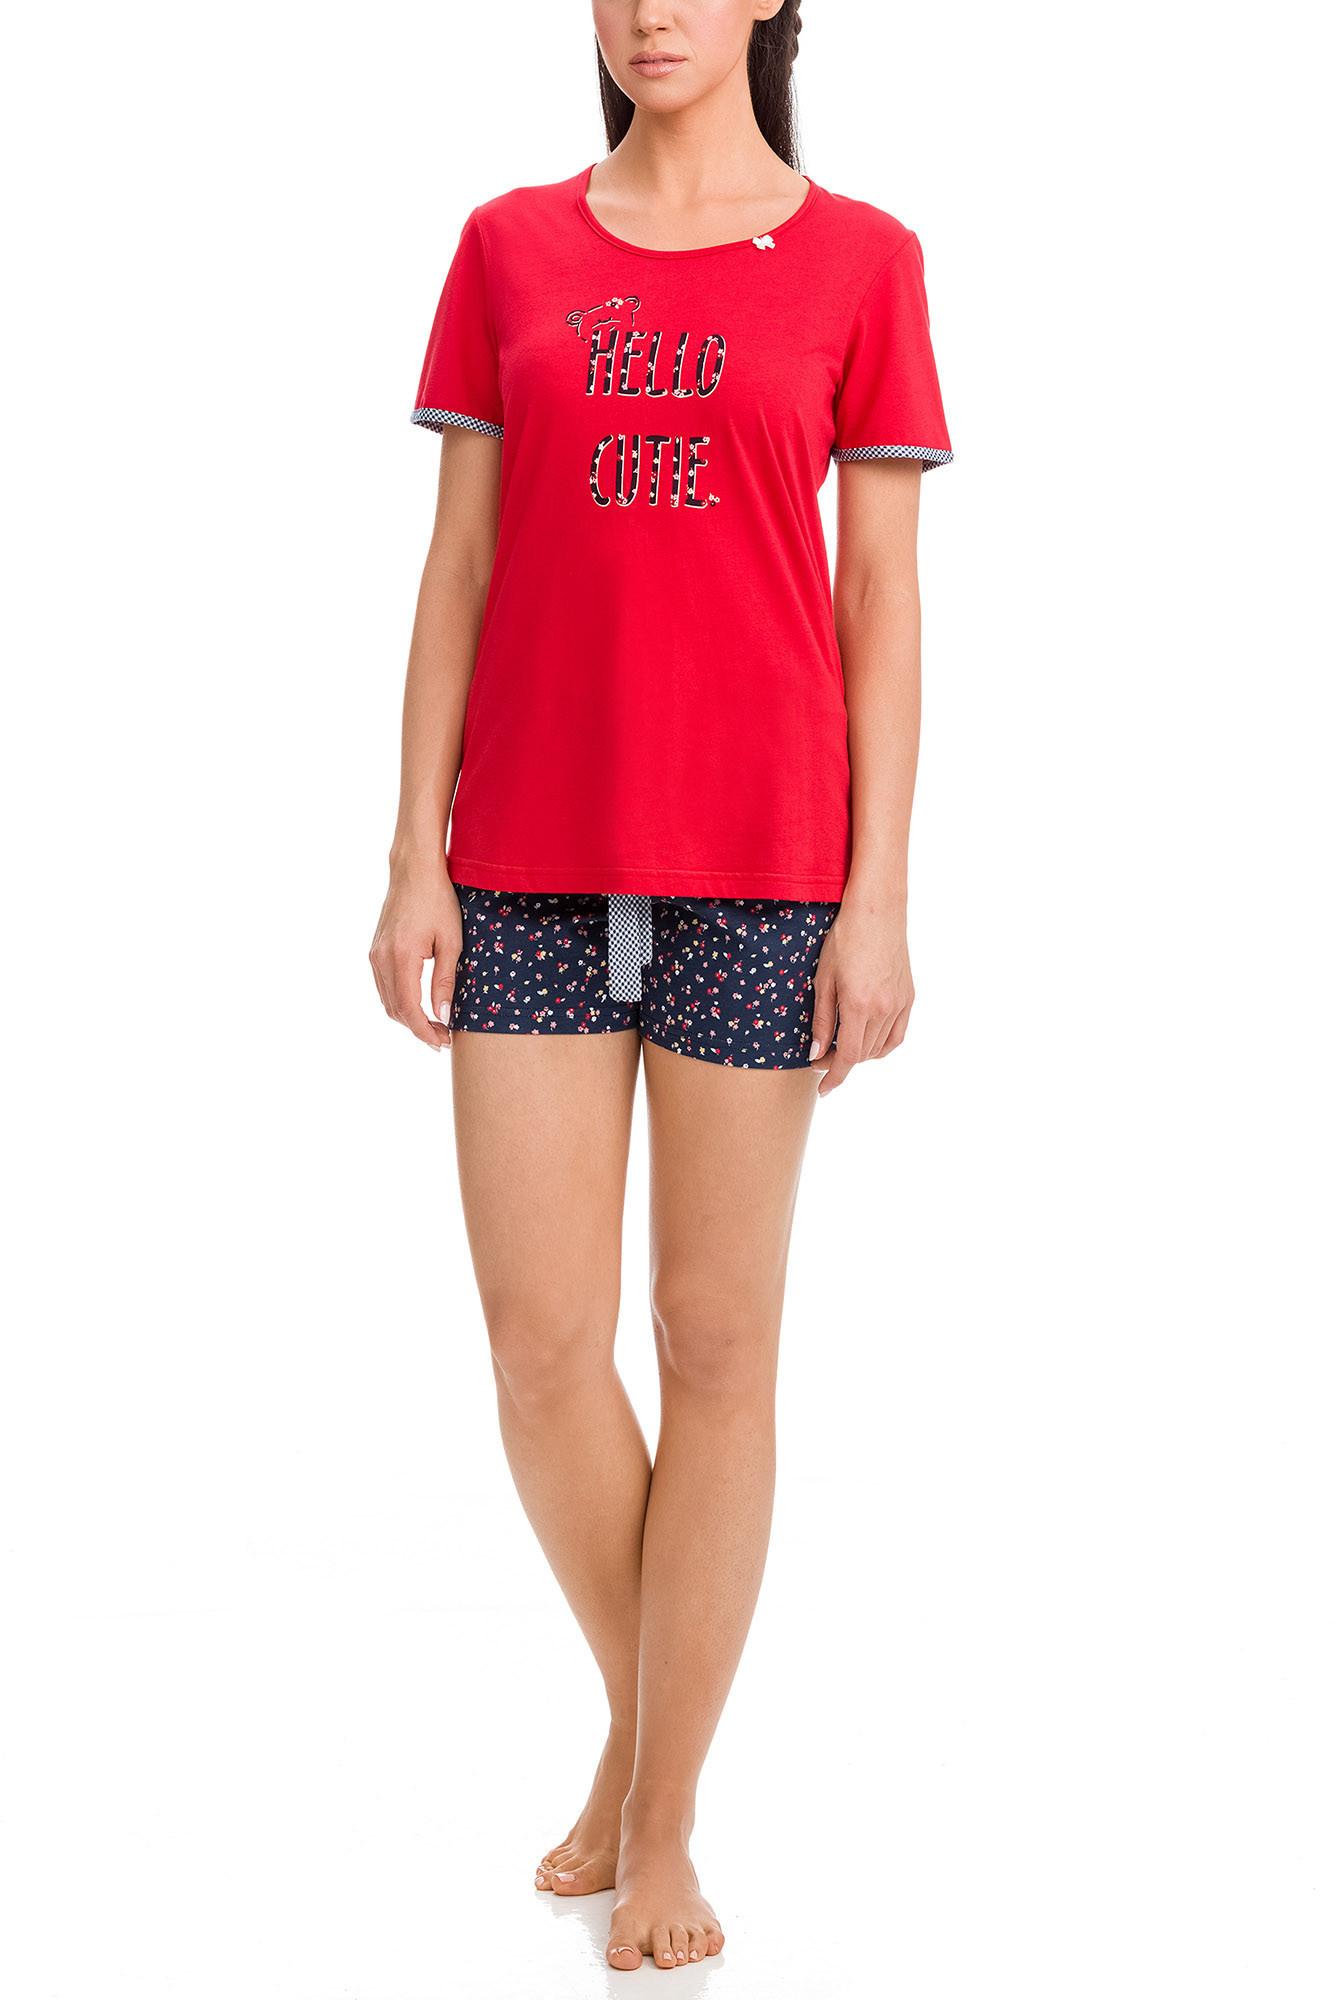 Vamp - Dámske pyžamo 12418 - Vamp red s